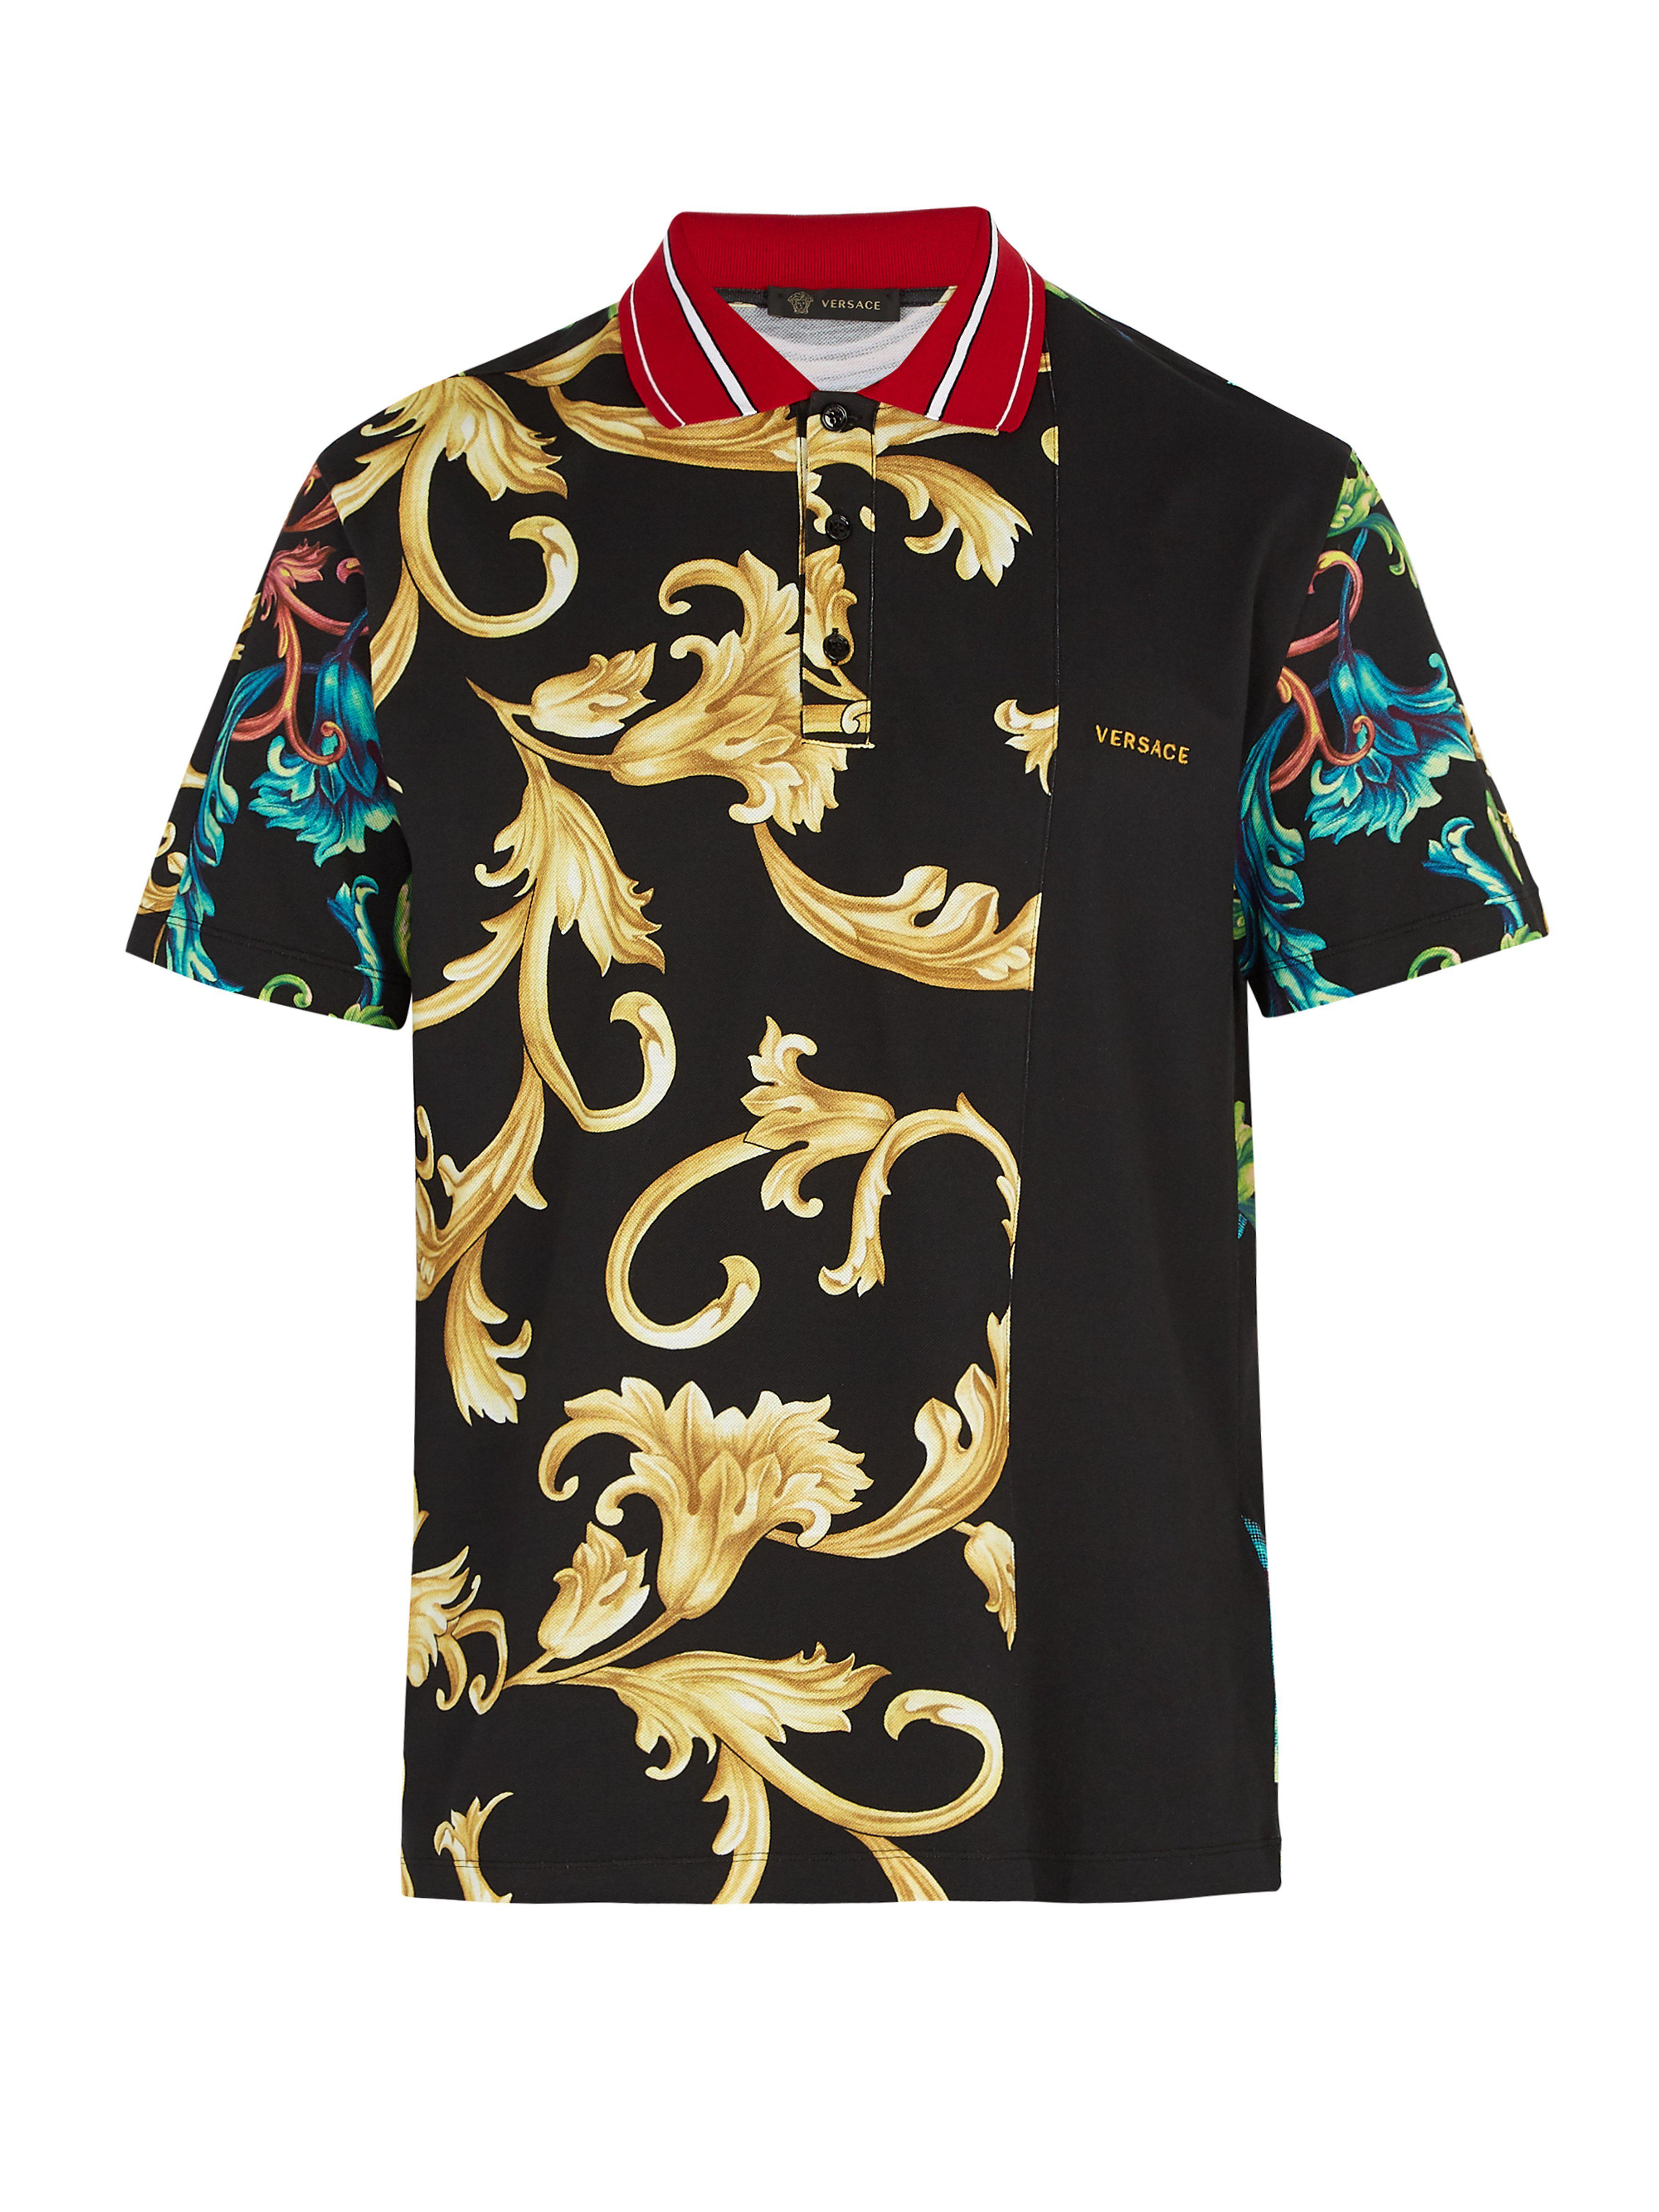 3879e2f75379 Versace Baroque-print Cotton Polo Shirt for Men - Lyst